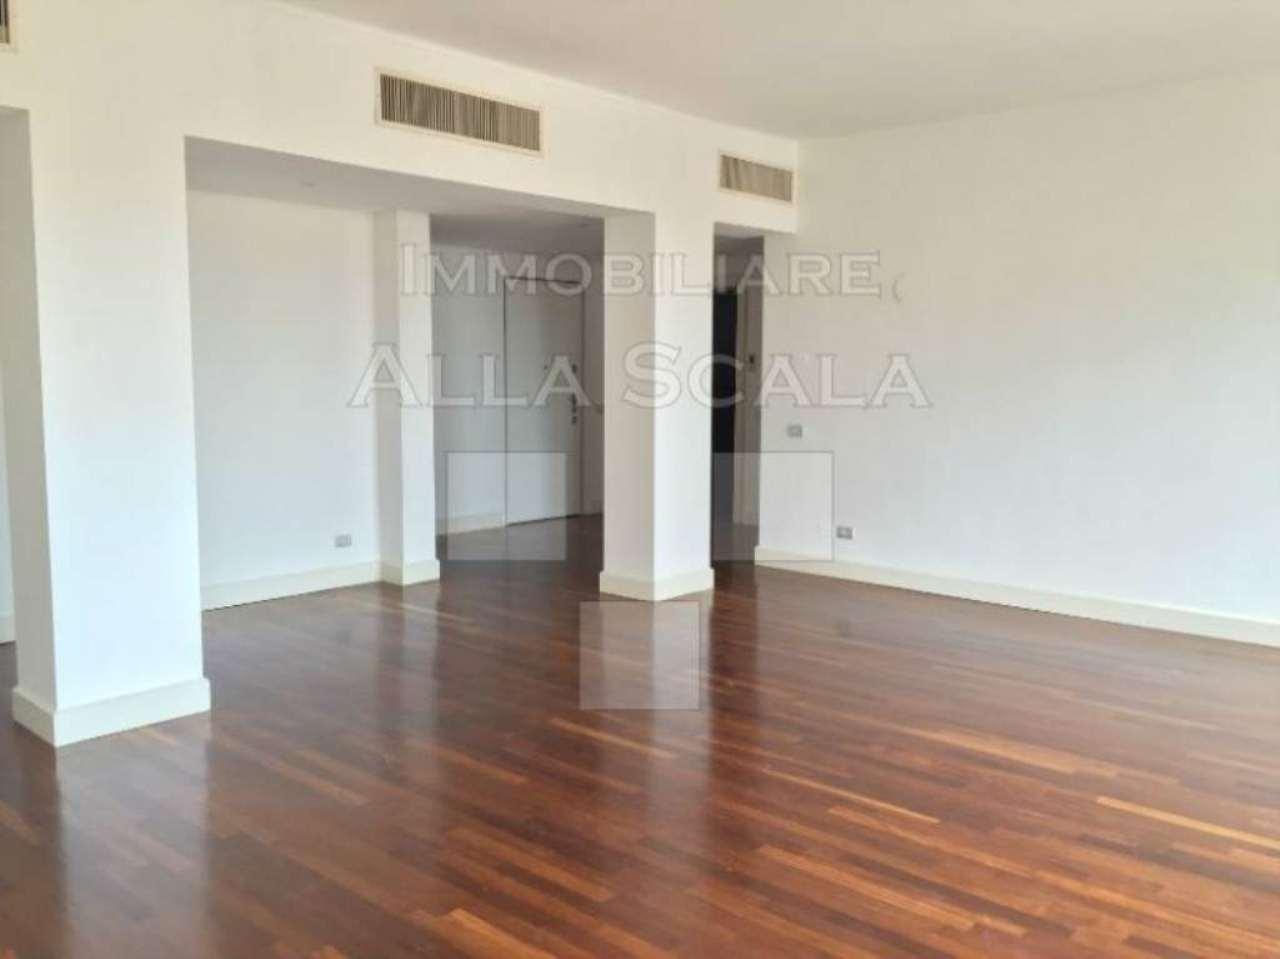 Appartamento in affitto a Milano, 5 locali, zona Zona: 1 . Centro Storico, Duomo, Brera, Cadorna, Cattolica, prezzo € 3.660 | CambioCasa.it